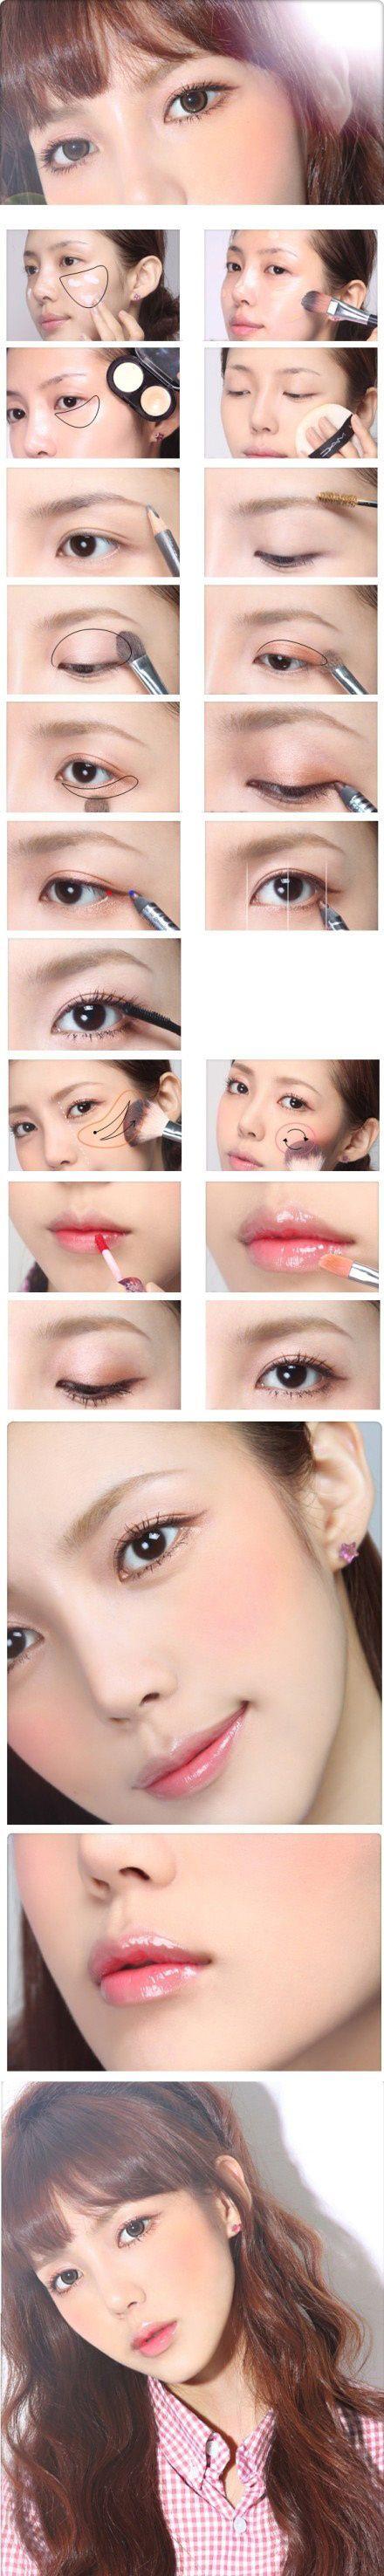 El maquillaje mas hermoxo en mi opinión es el de asía te ase lucir mas natural y…